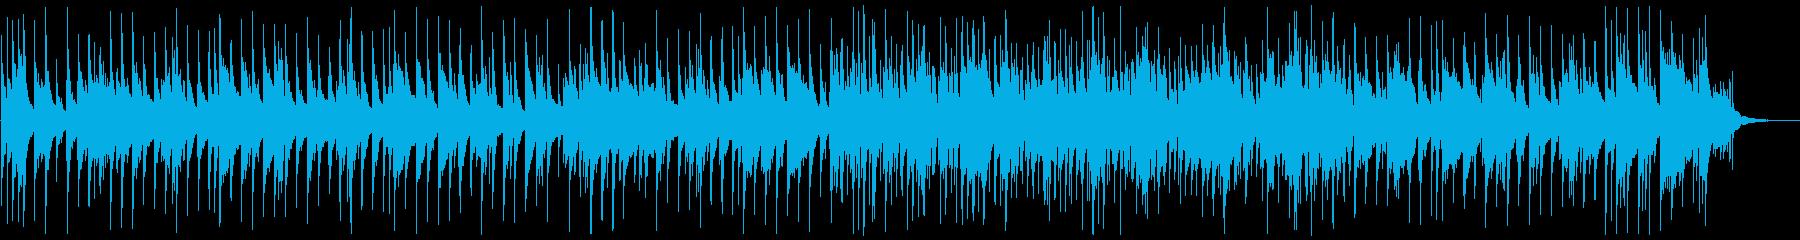 ピアノベースの落ち着いたジャズの再生済みの波形